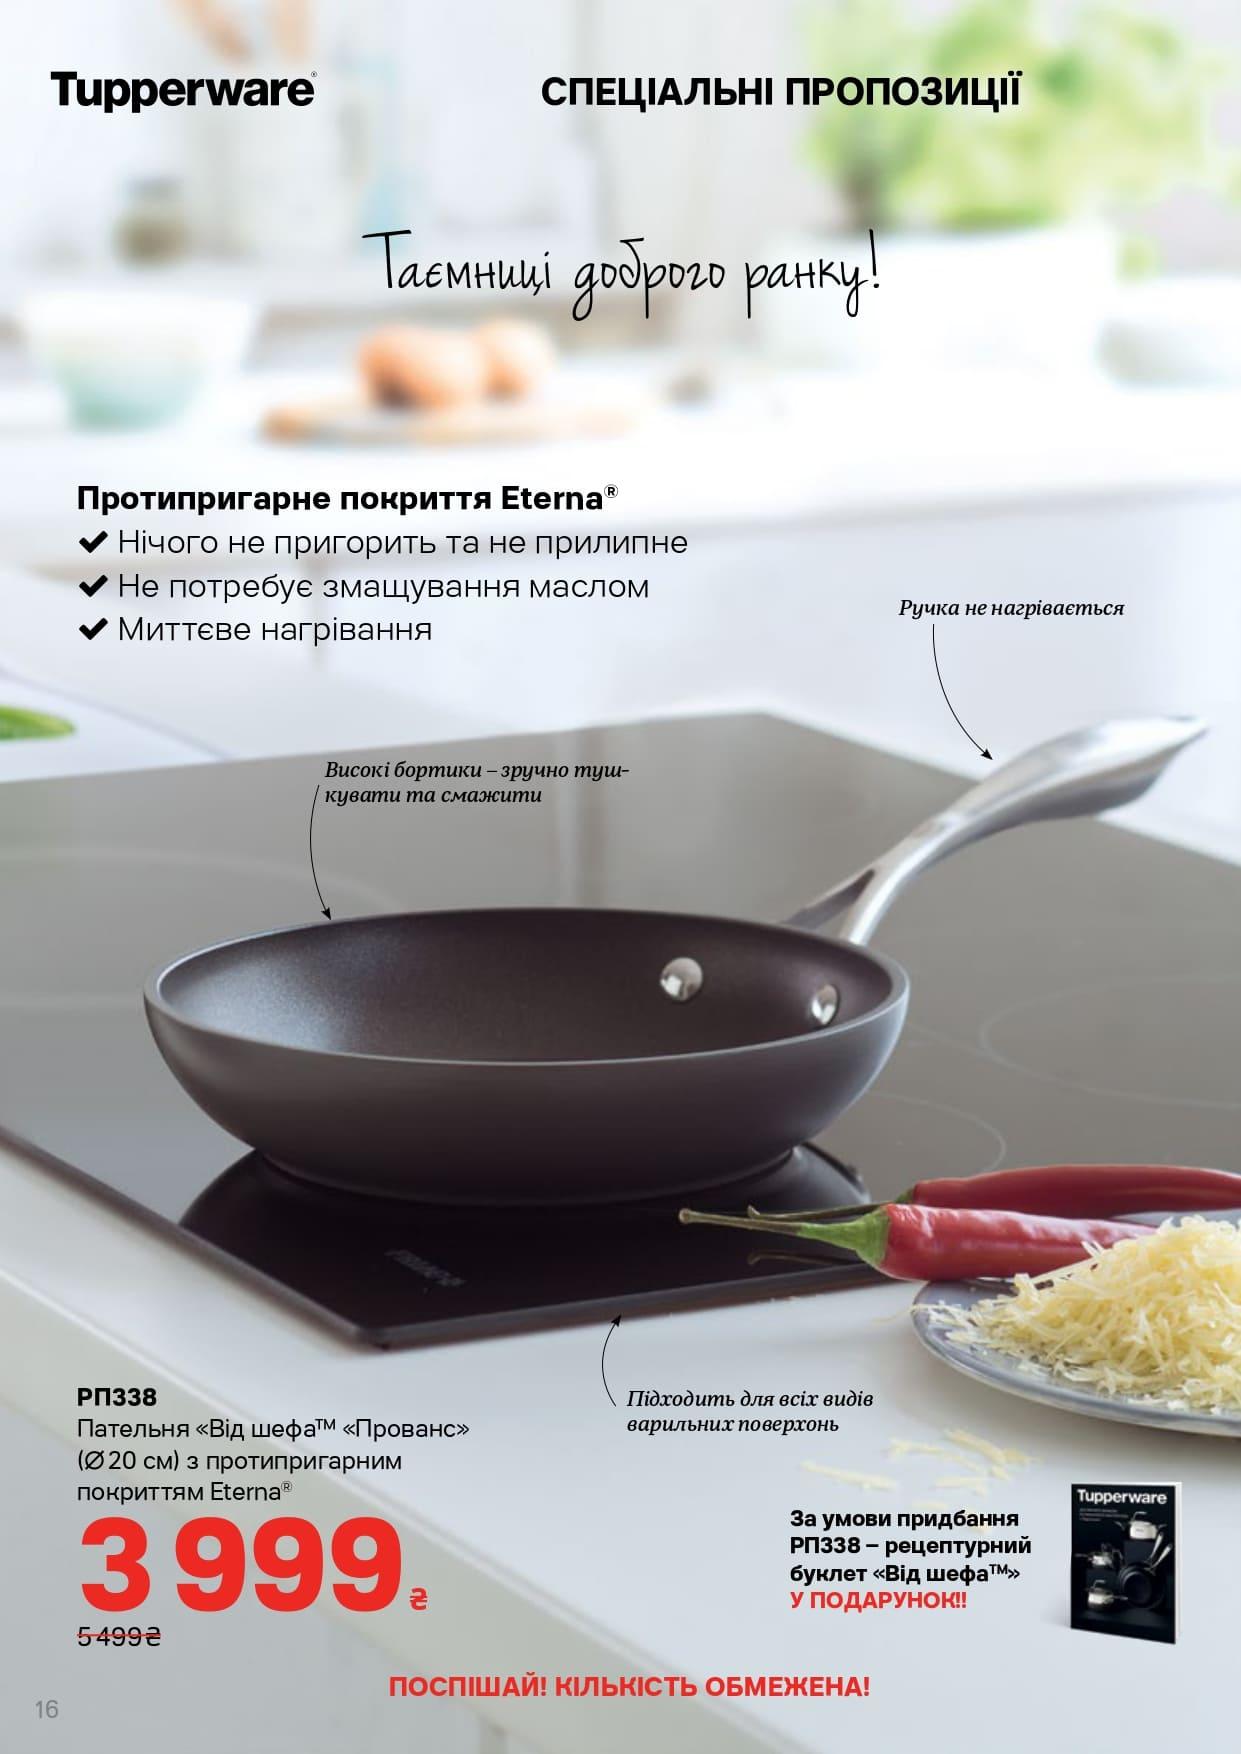 Сковорода 20 см с покрытием ETRNA, скидка до 27%.